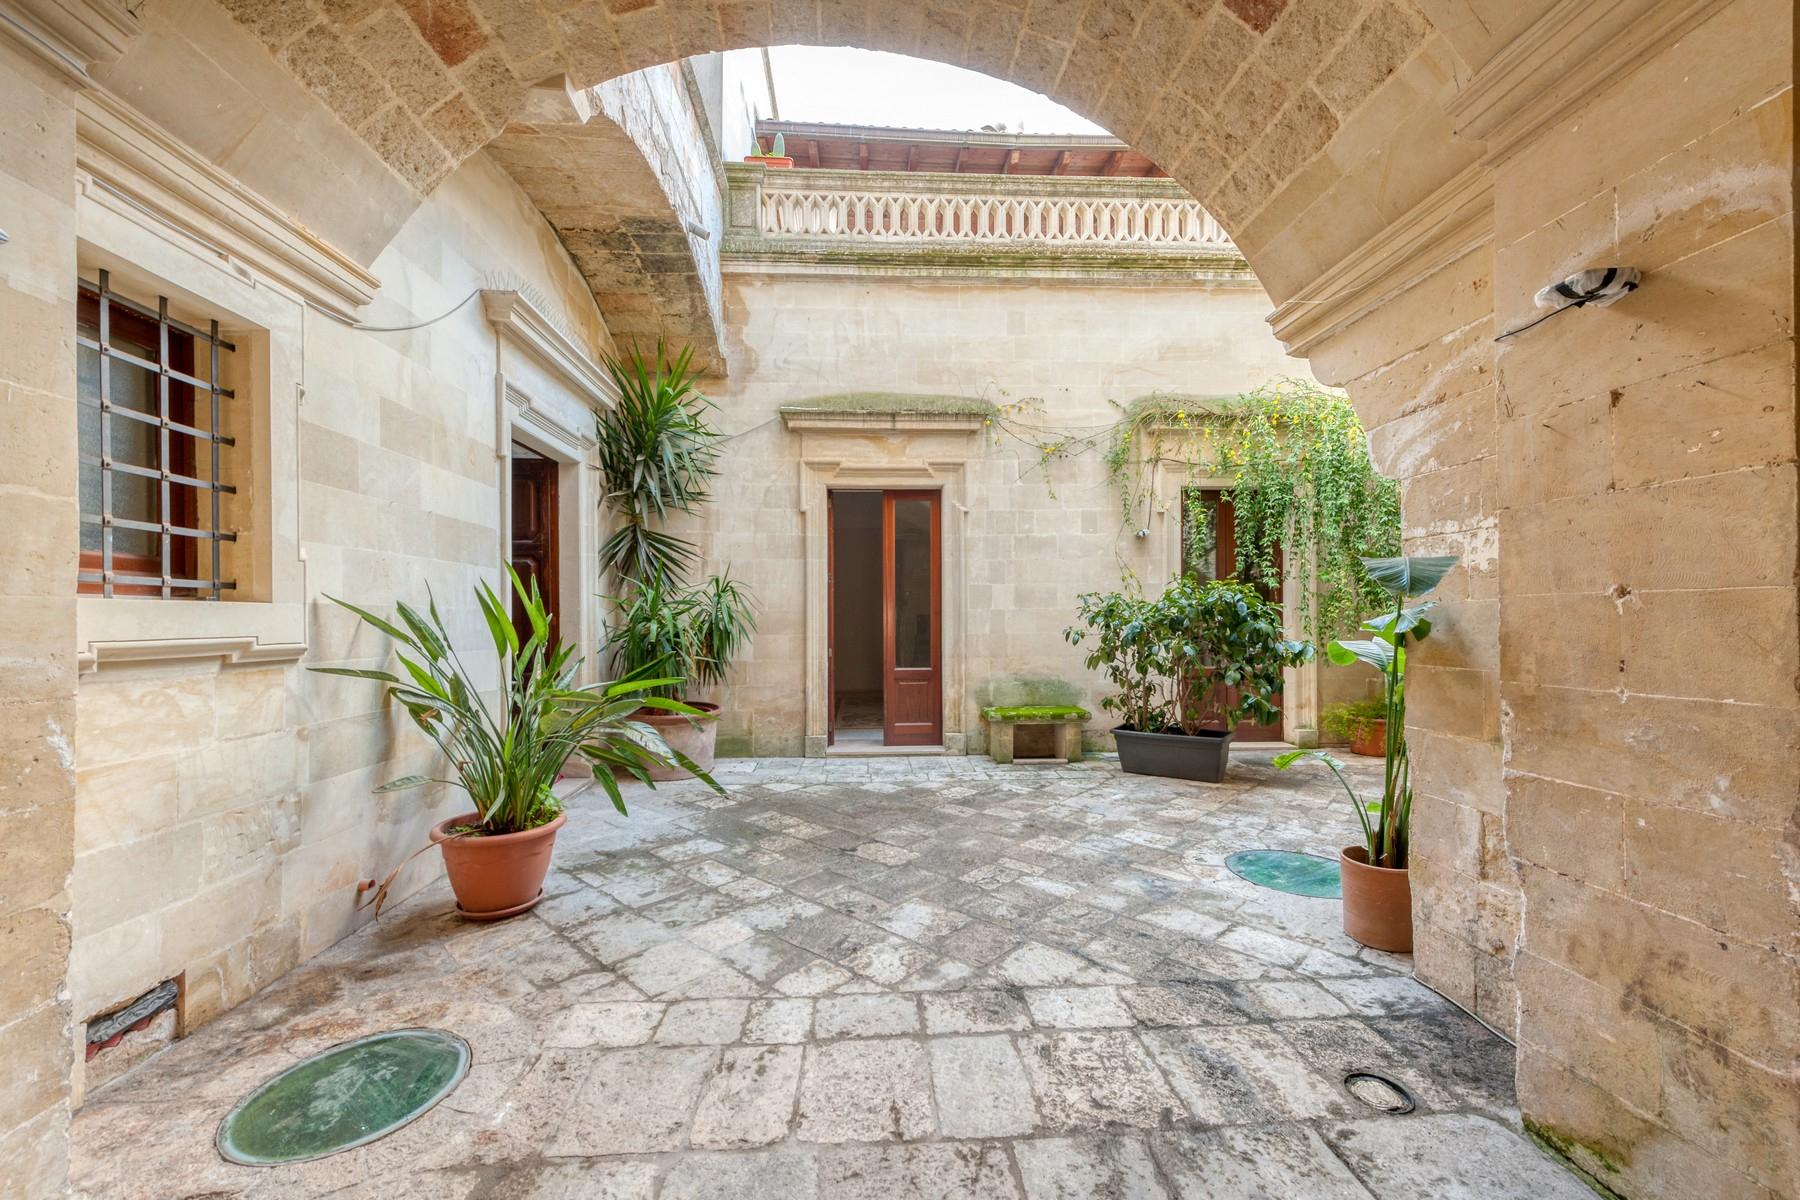 Palazzo in Vendita a Martano: 5 locali, 800 mq - Foto 17